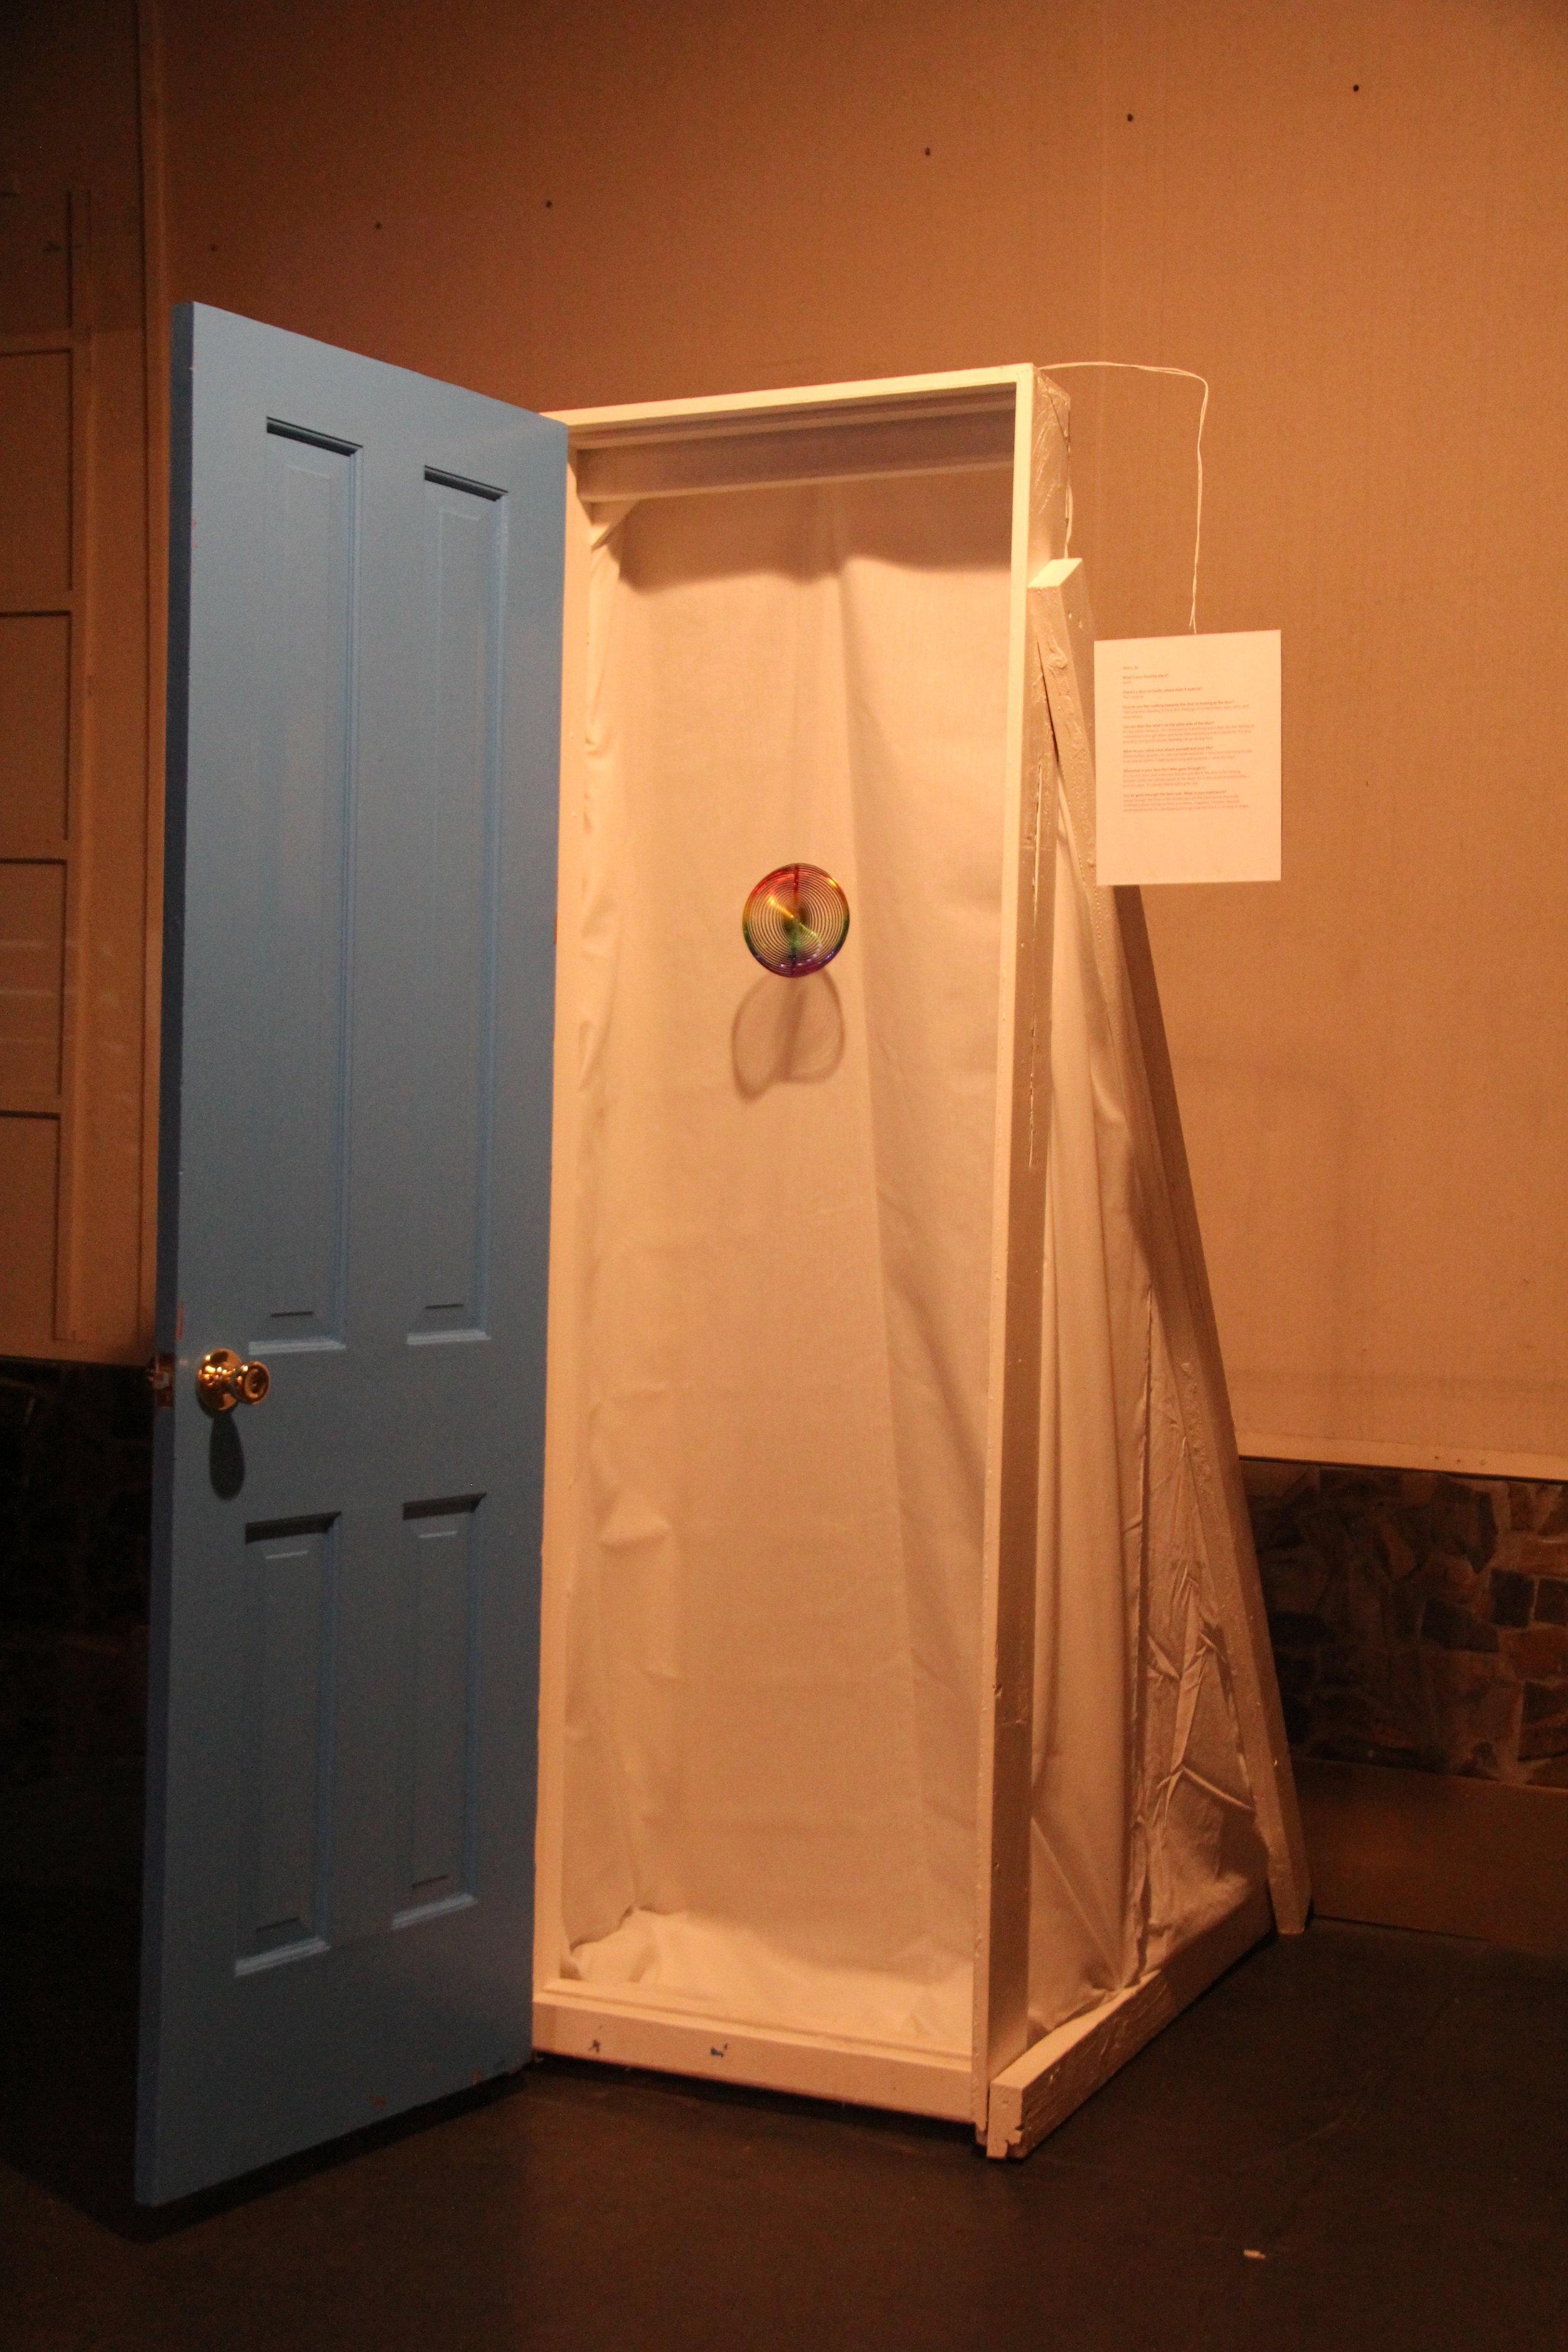 Jason's Doorway